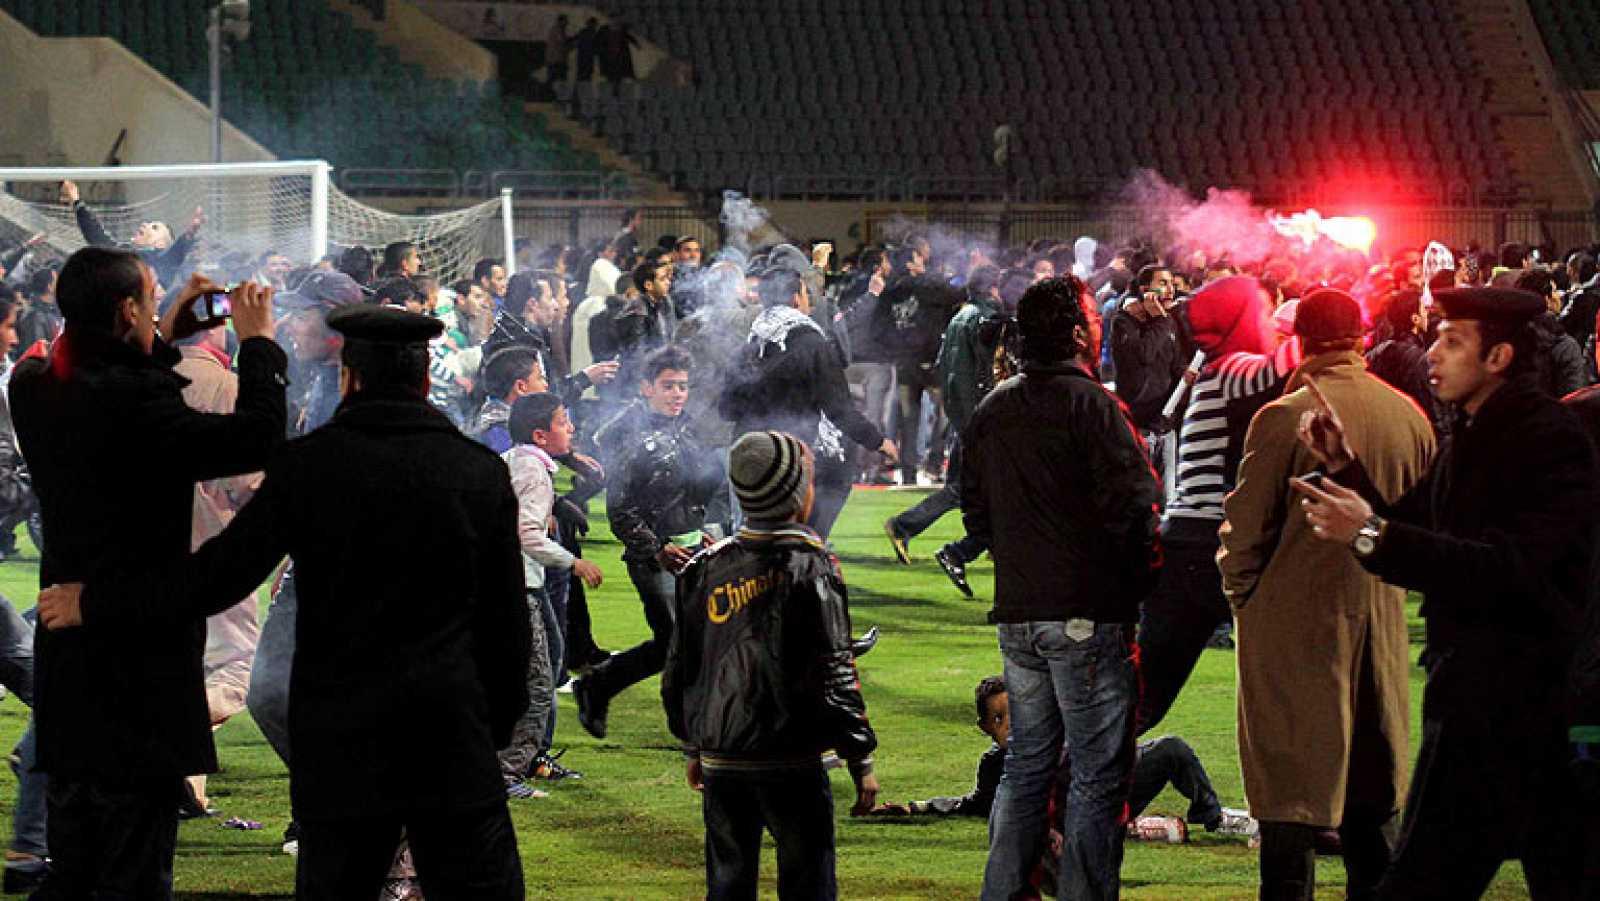 La mayor tragedia del fútbol egipcio deja 74 muertos en un país convulso